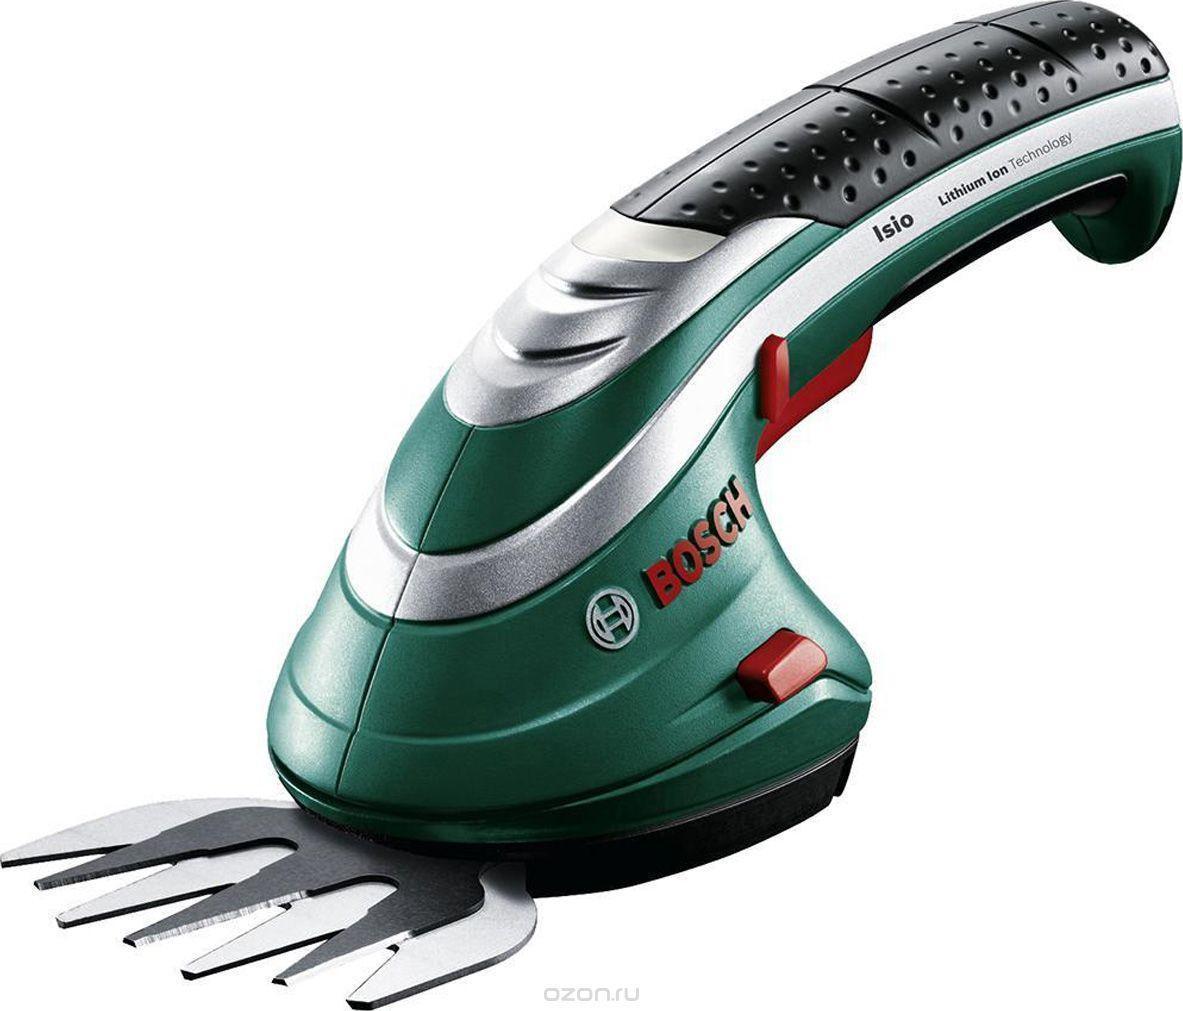 Аккумуляторные ножницы для травы и кустов Bosch ISIO 3